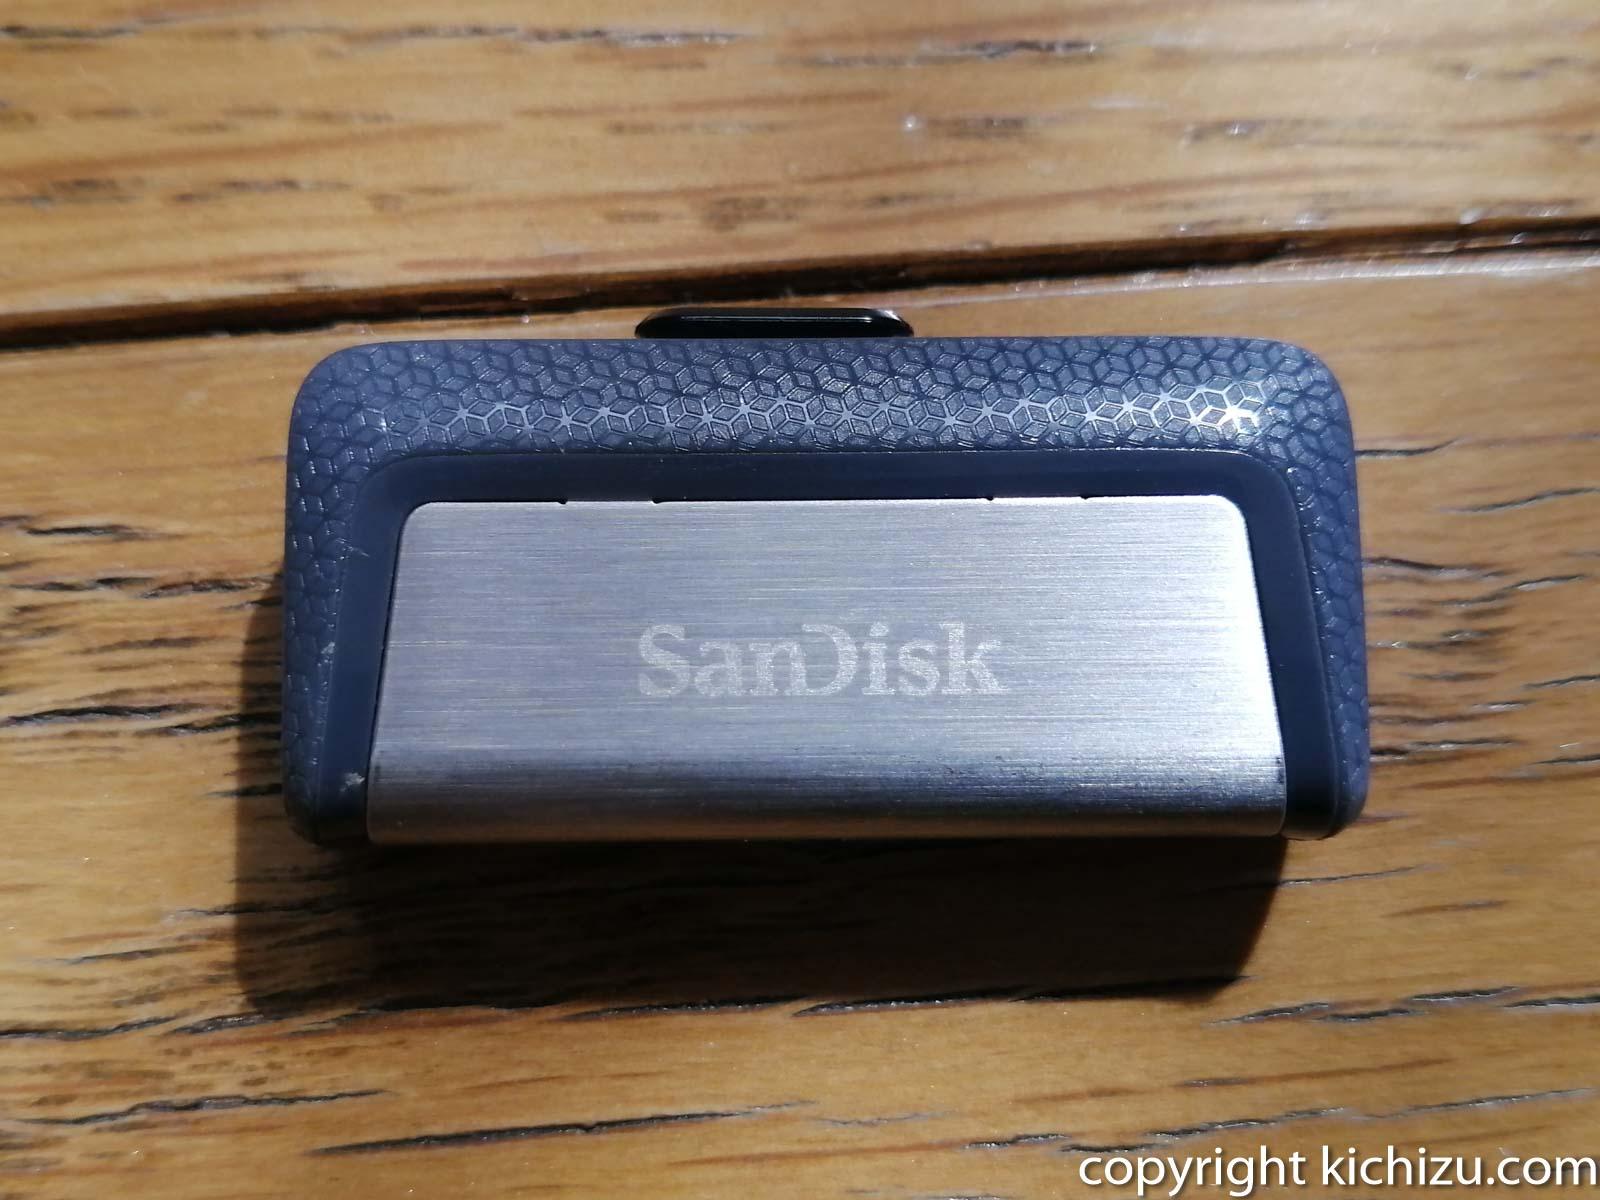 SanDisk サンディスク USBメモリー USB3.1対応 Type-C & Type-Aデュアルコネクタ